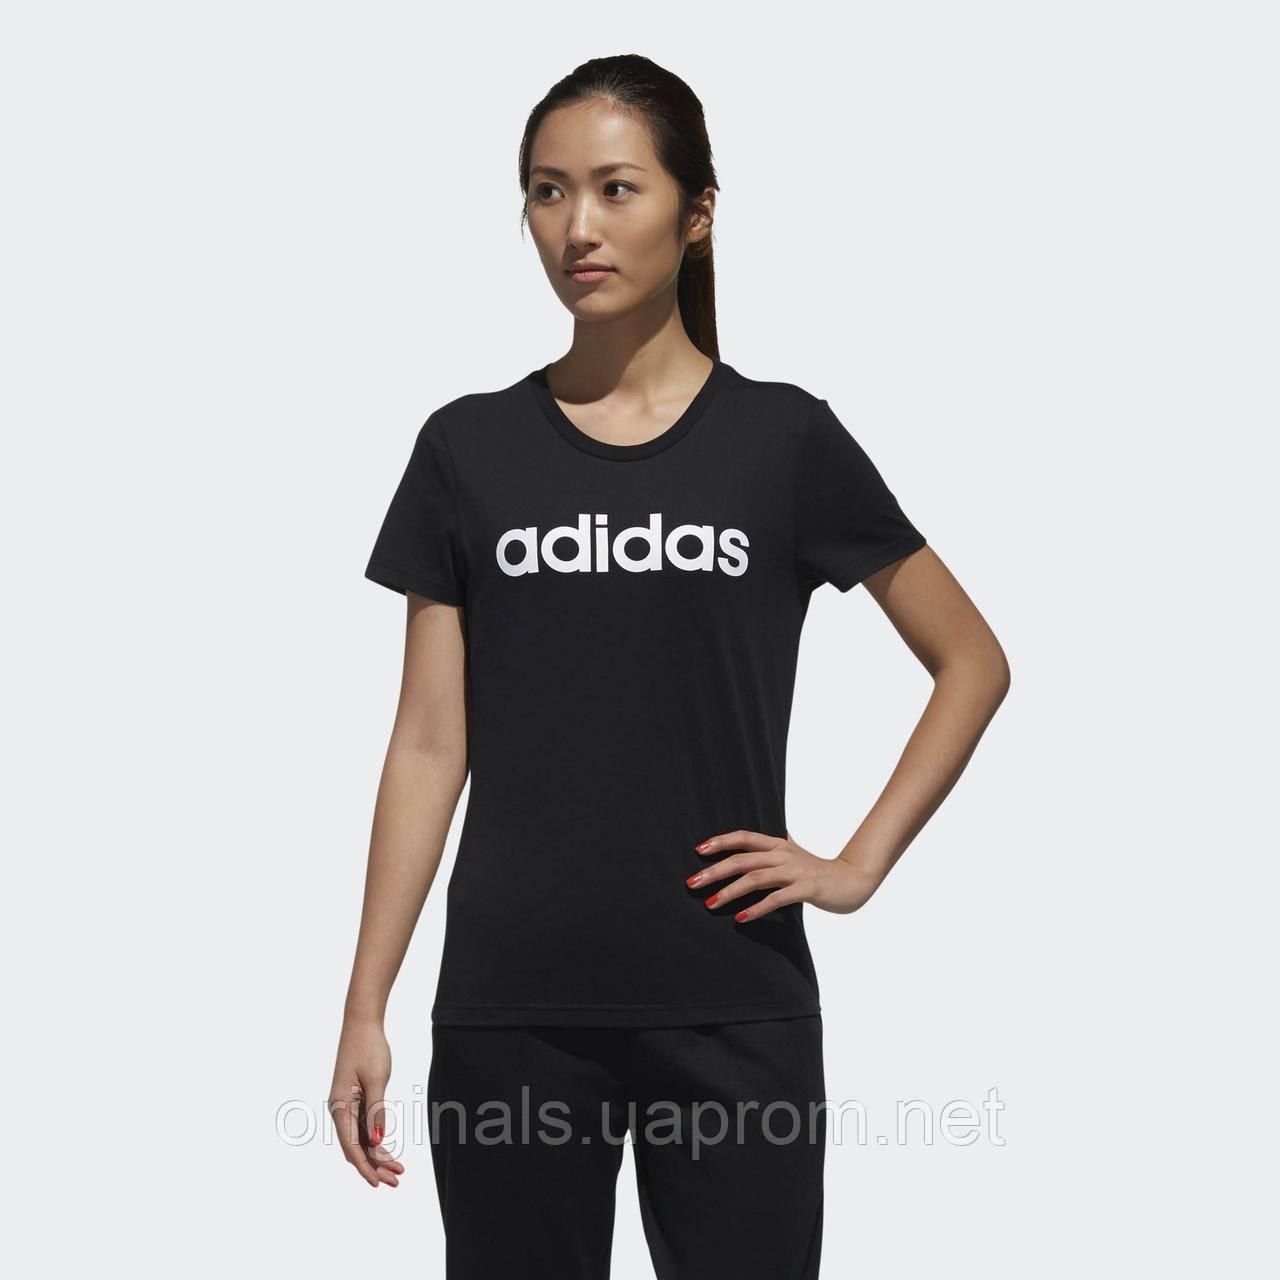 Черная футболка Adidas женская W CE TEE DW7941